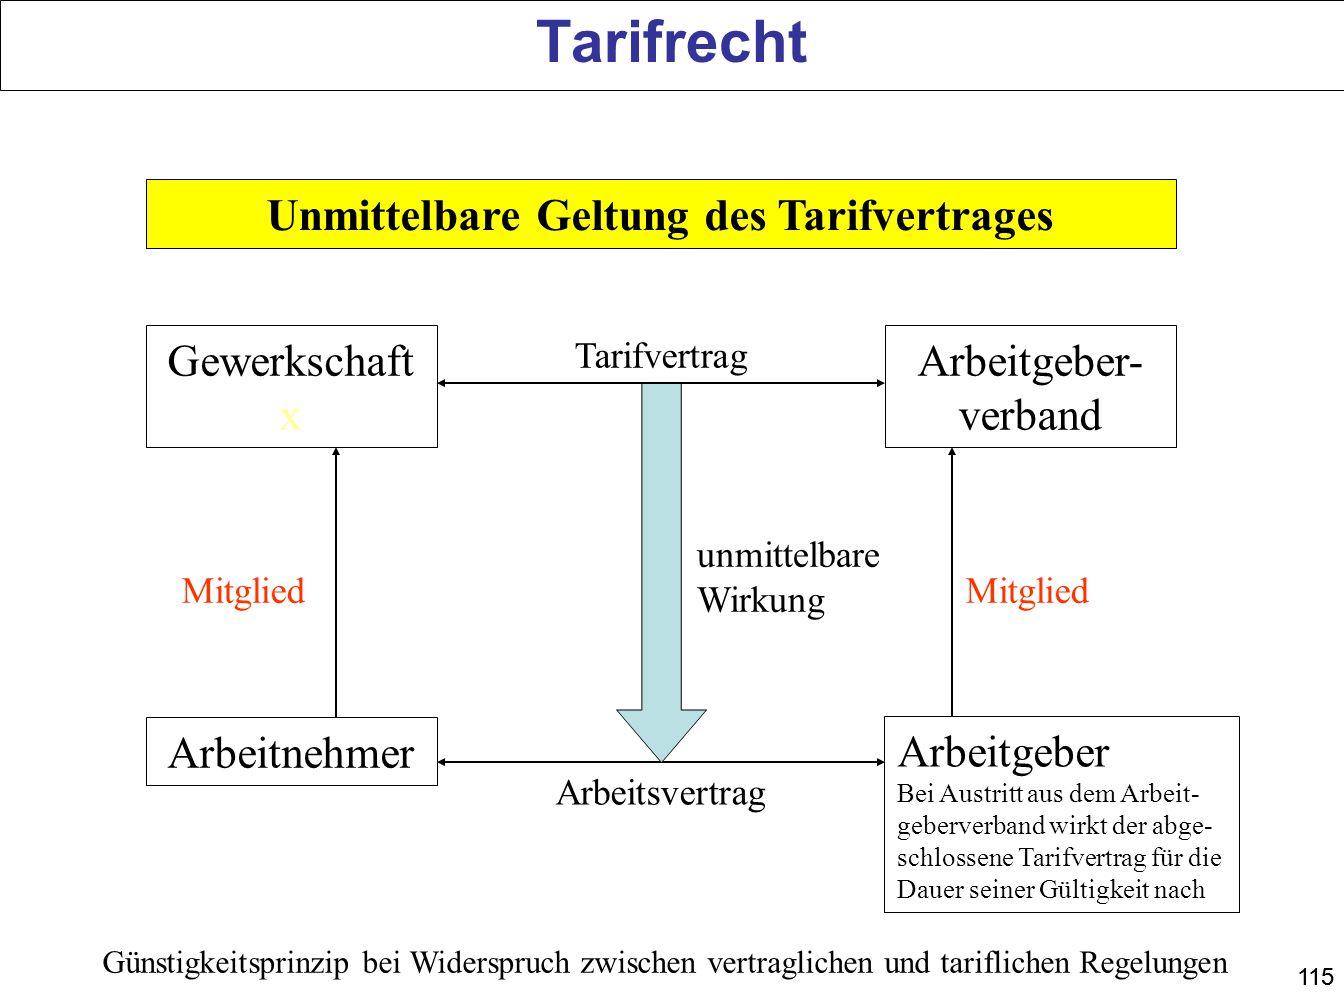 Unmittelbare Geltung des Tarifvertrages